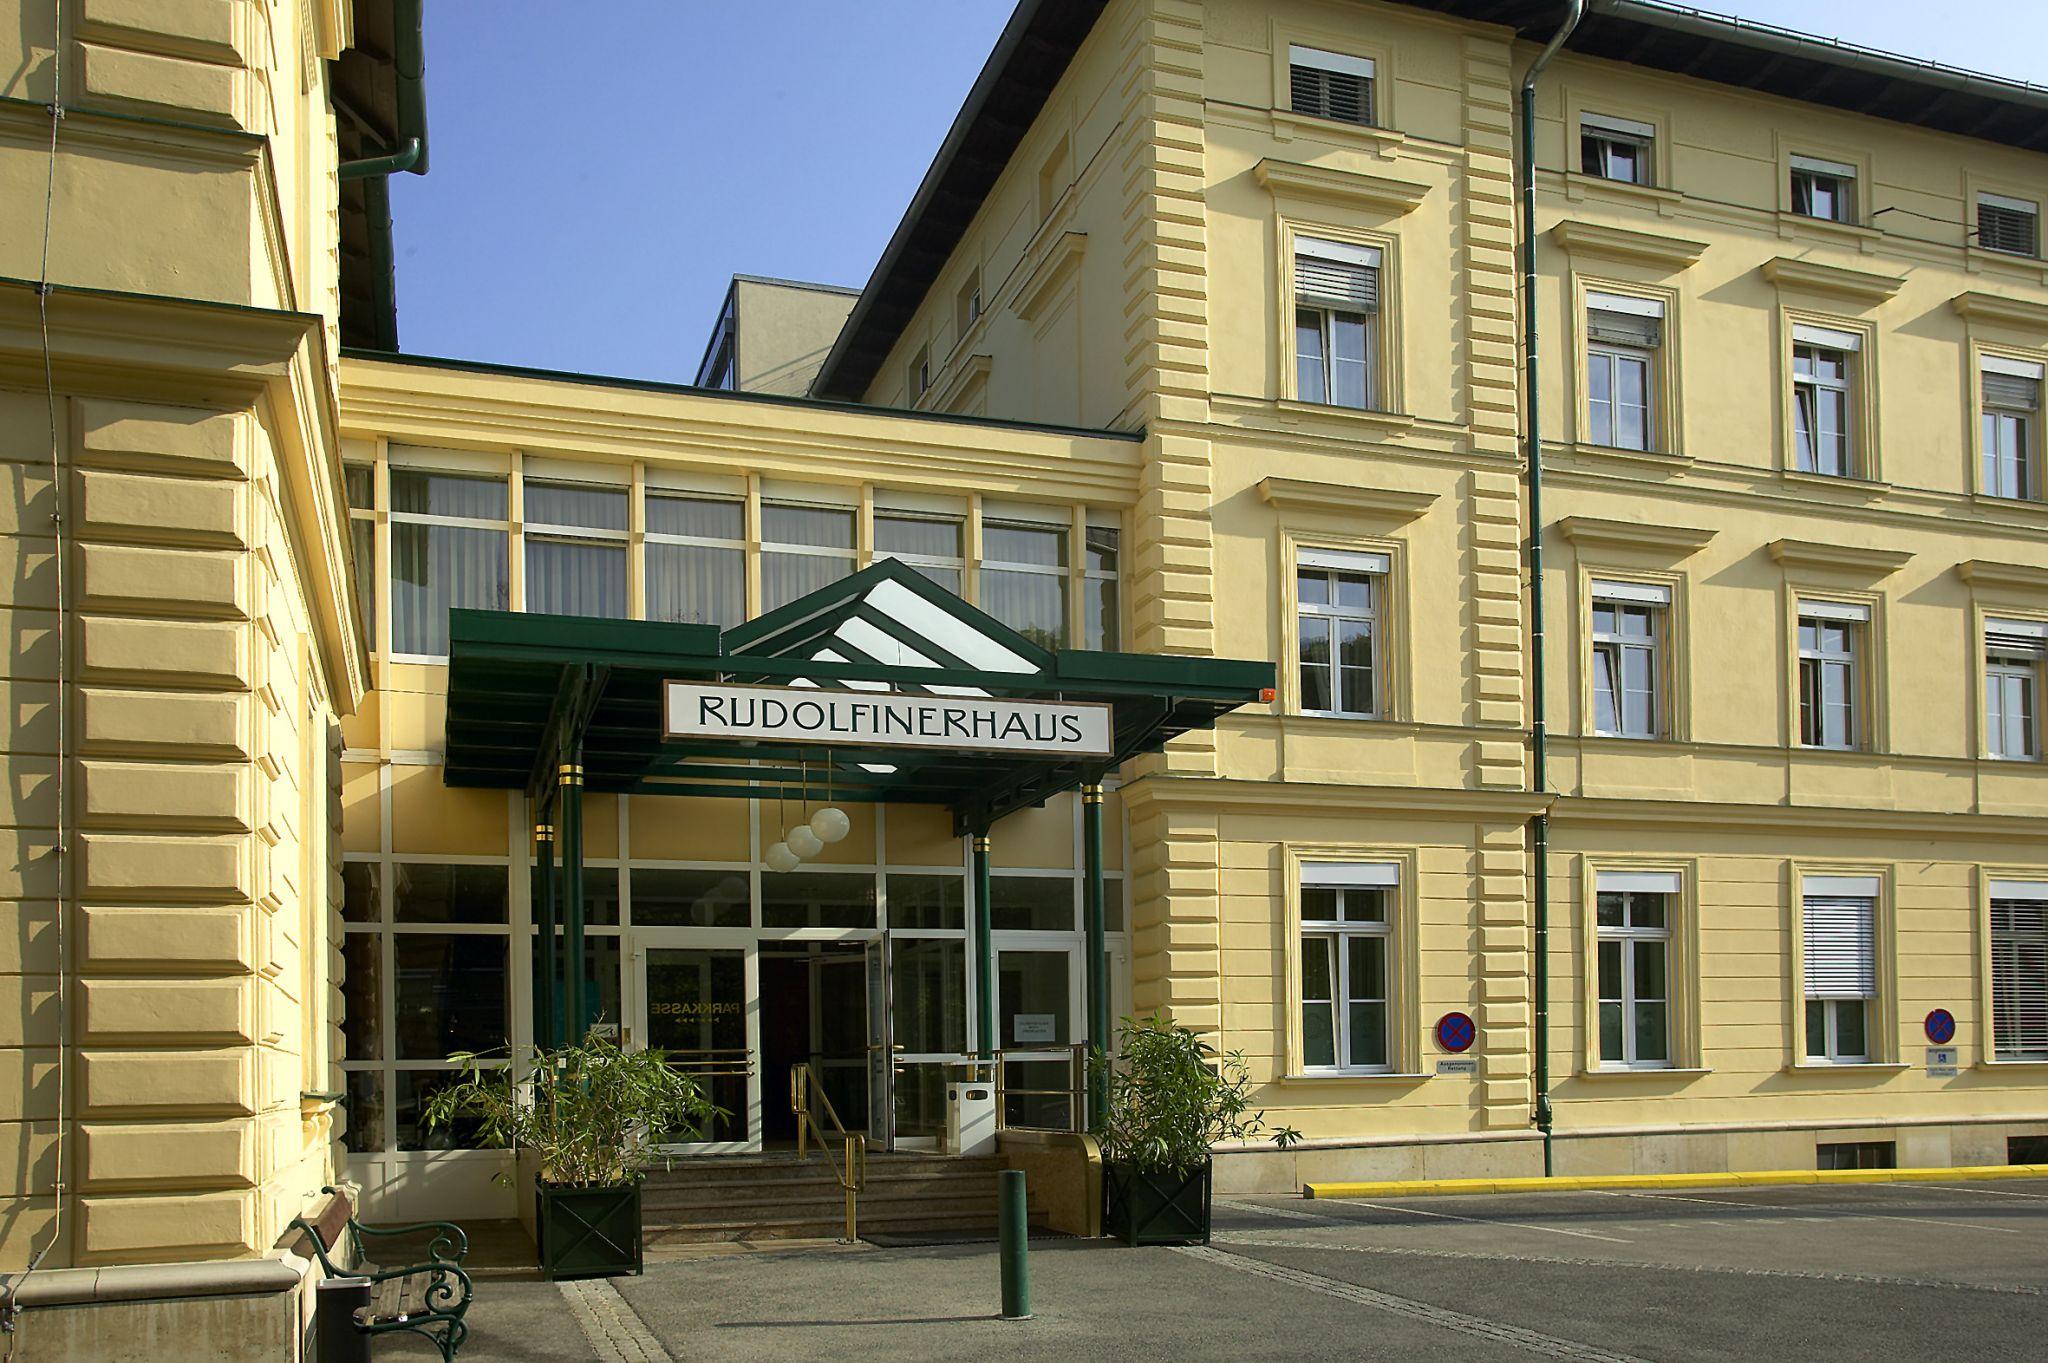 Private clinic Rudolfinerhaus